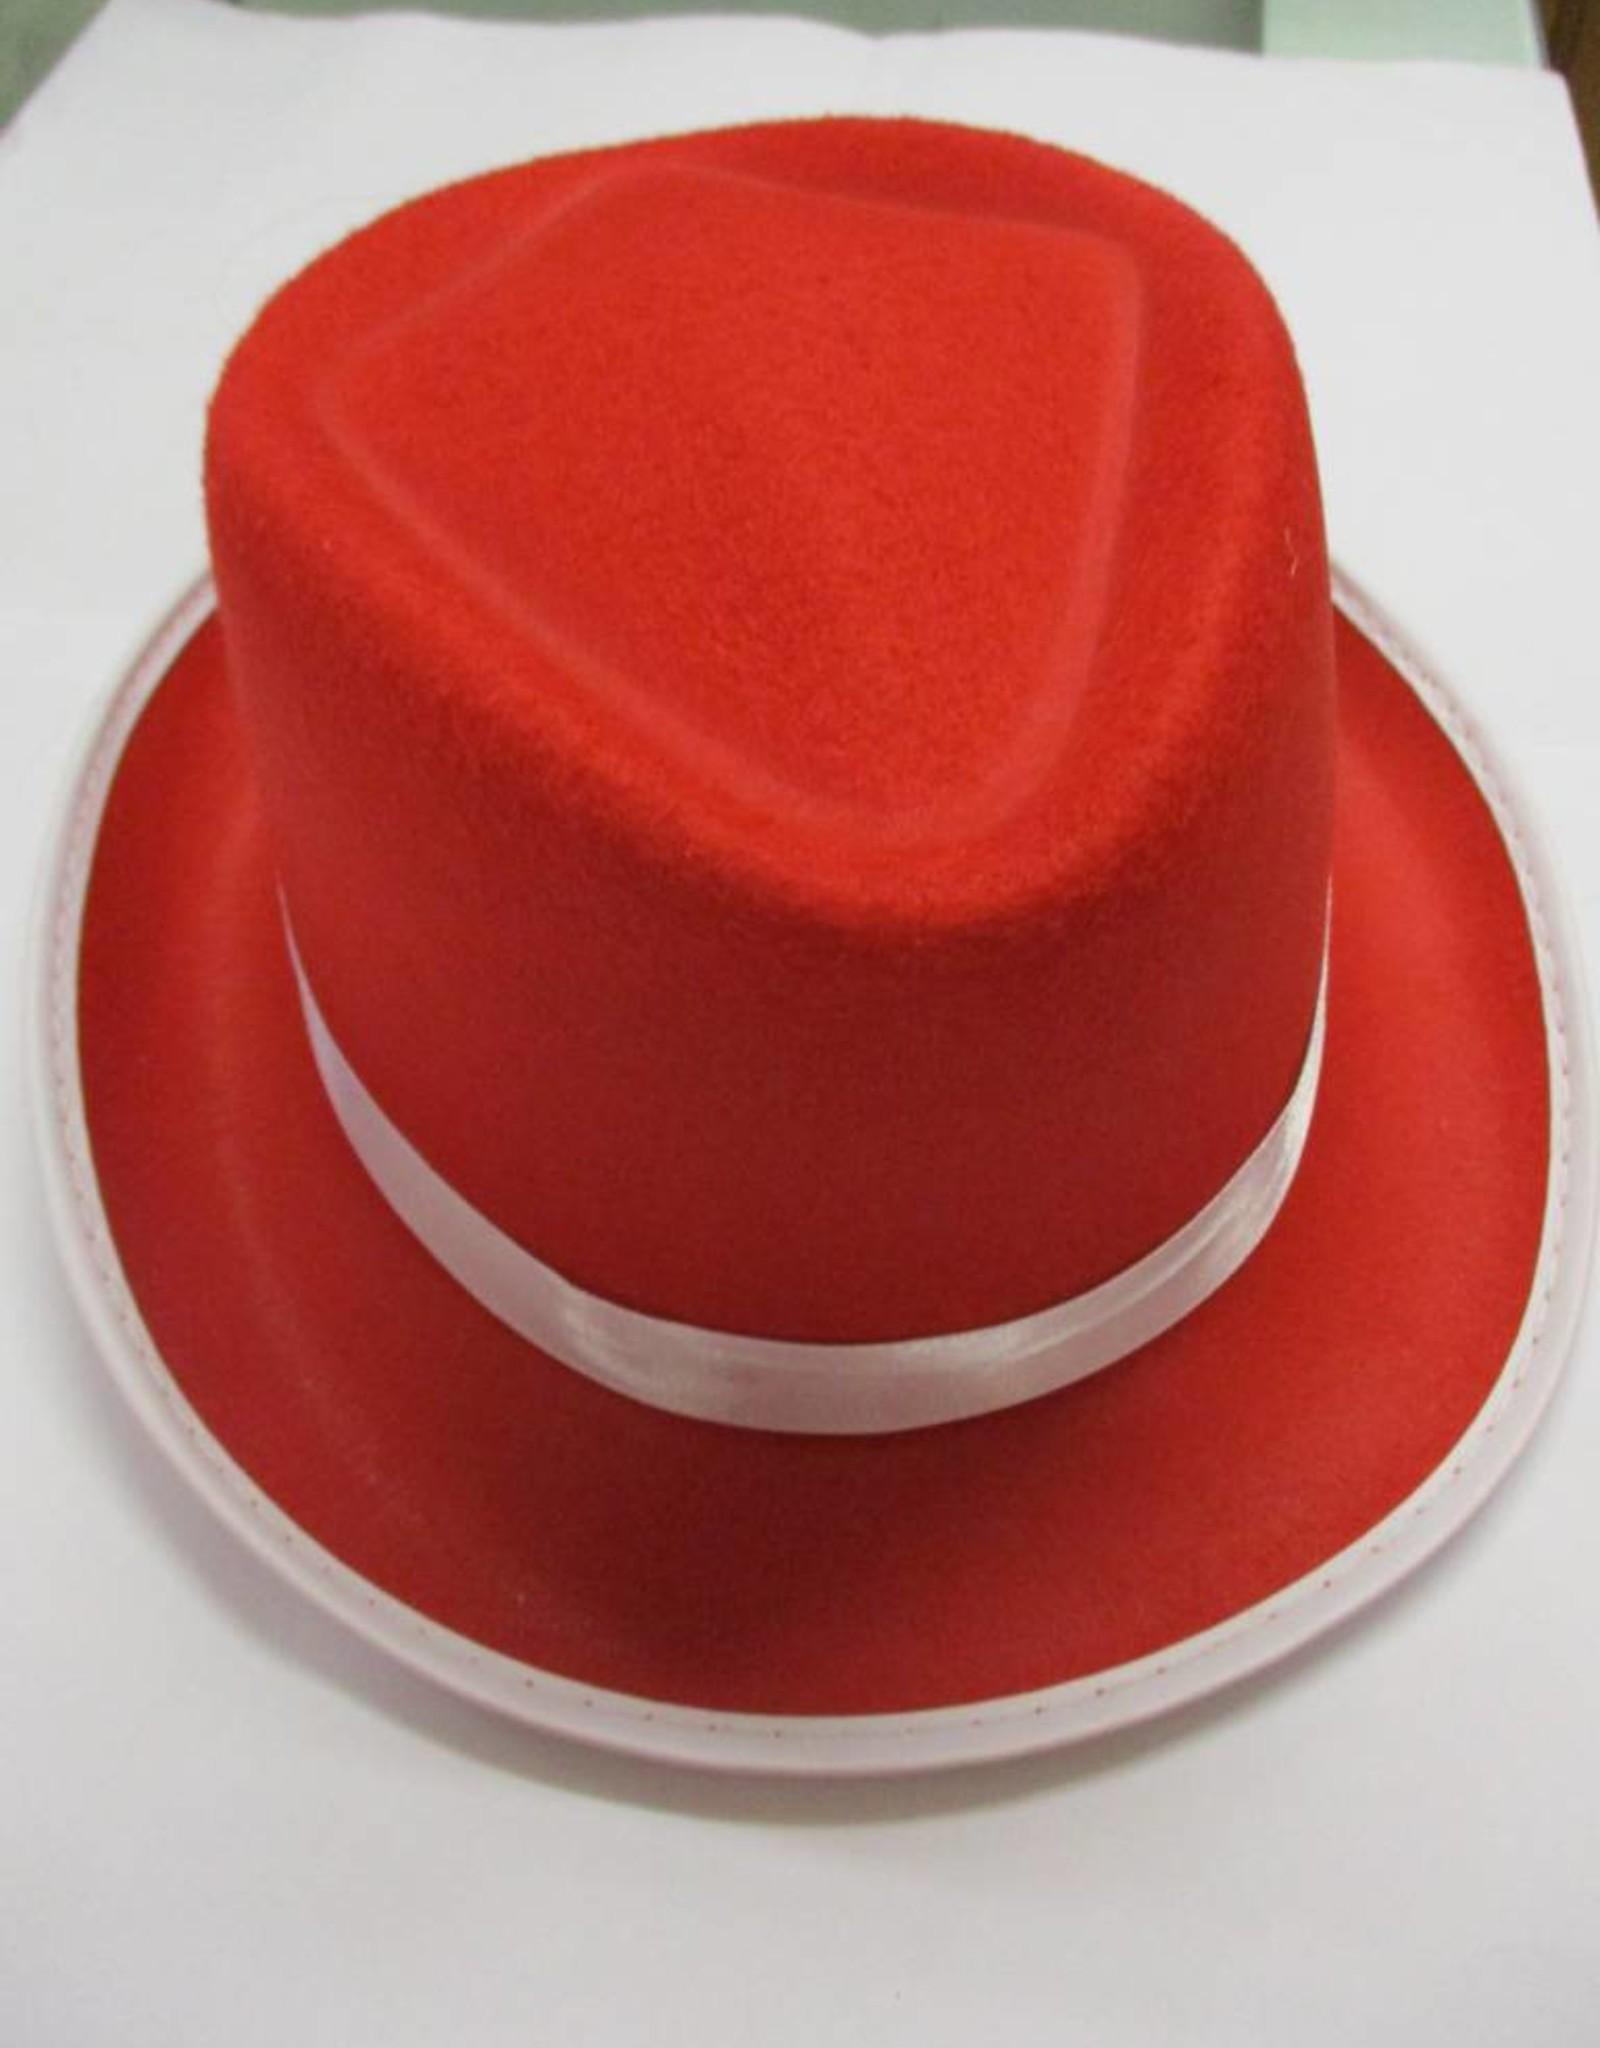 ESPA kojak hoed rood